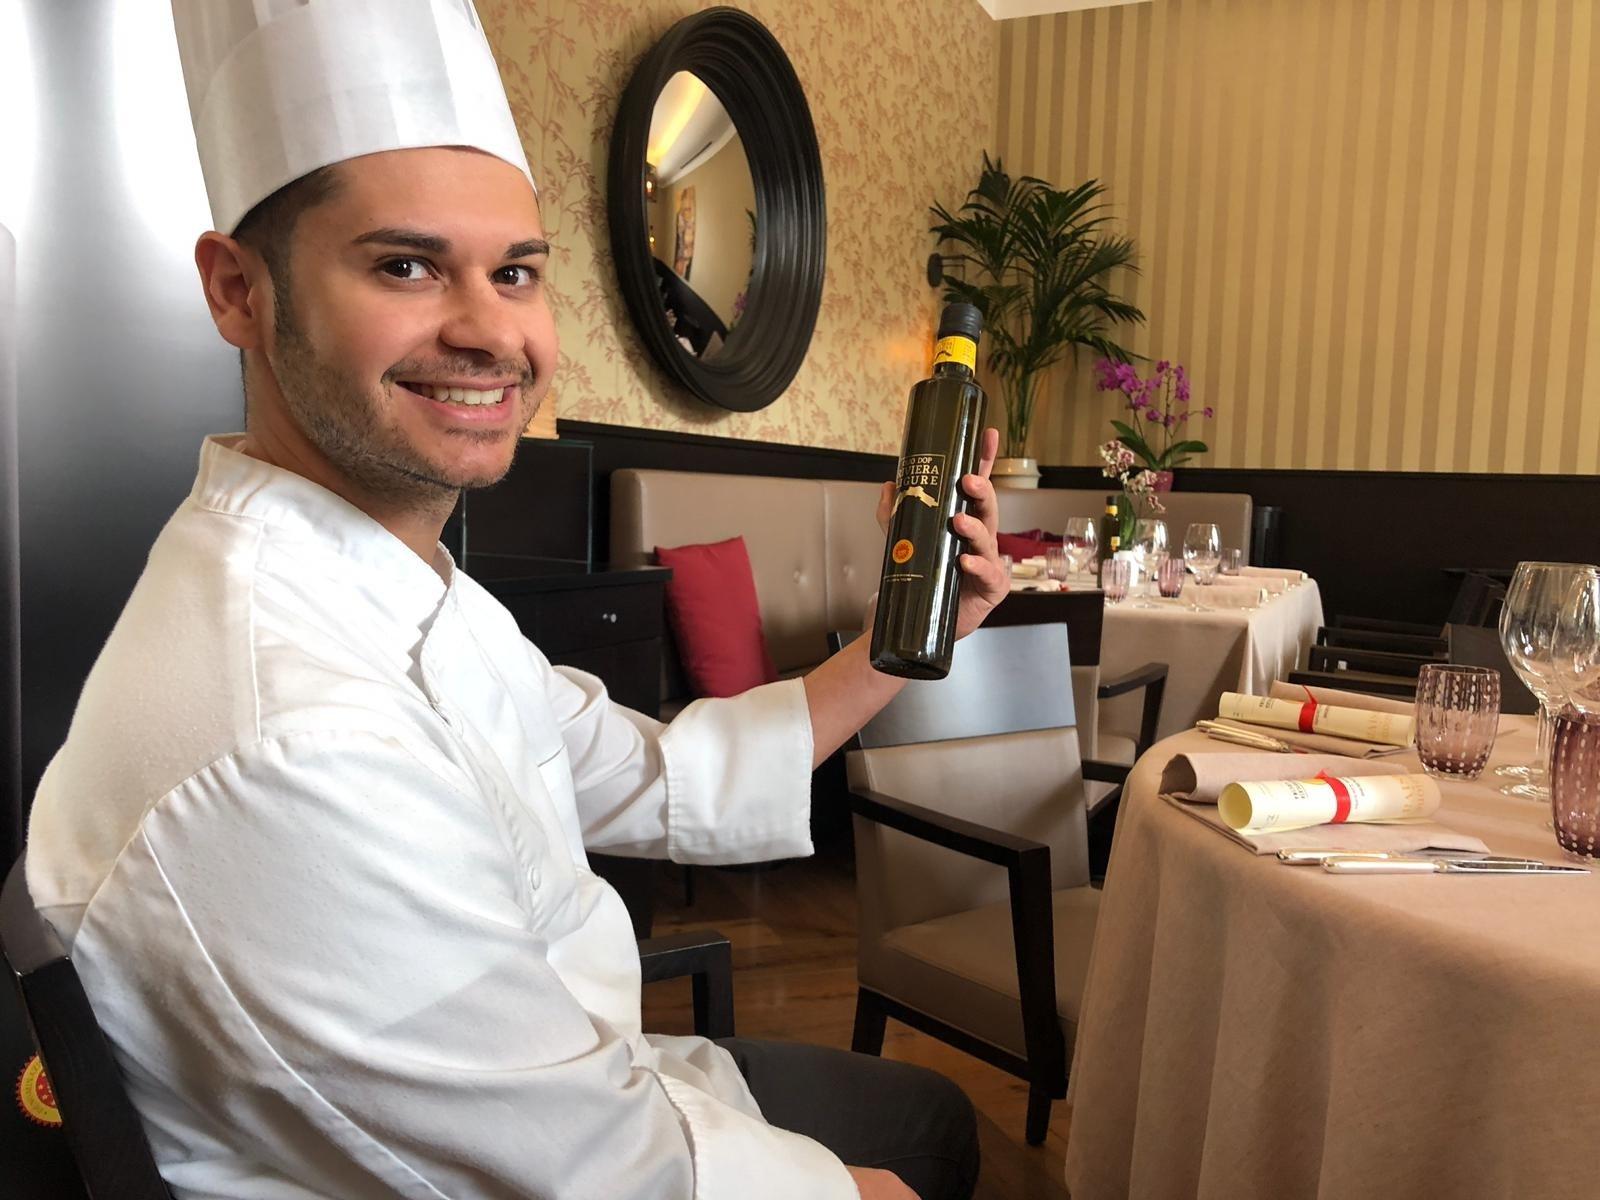 Prosegue il tour dell'olio Dop Riviera Ligure, a Torino lo chef Giuseppe Lisciotto, di Les Petites Madeleines, ha interpretato l'eccellenza simbolo della Liguria